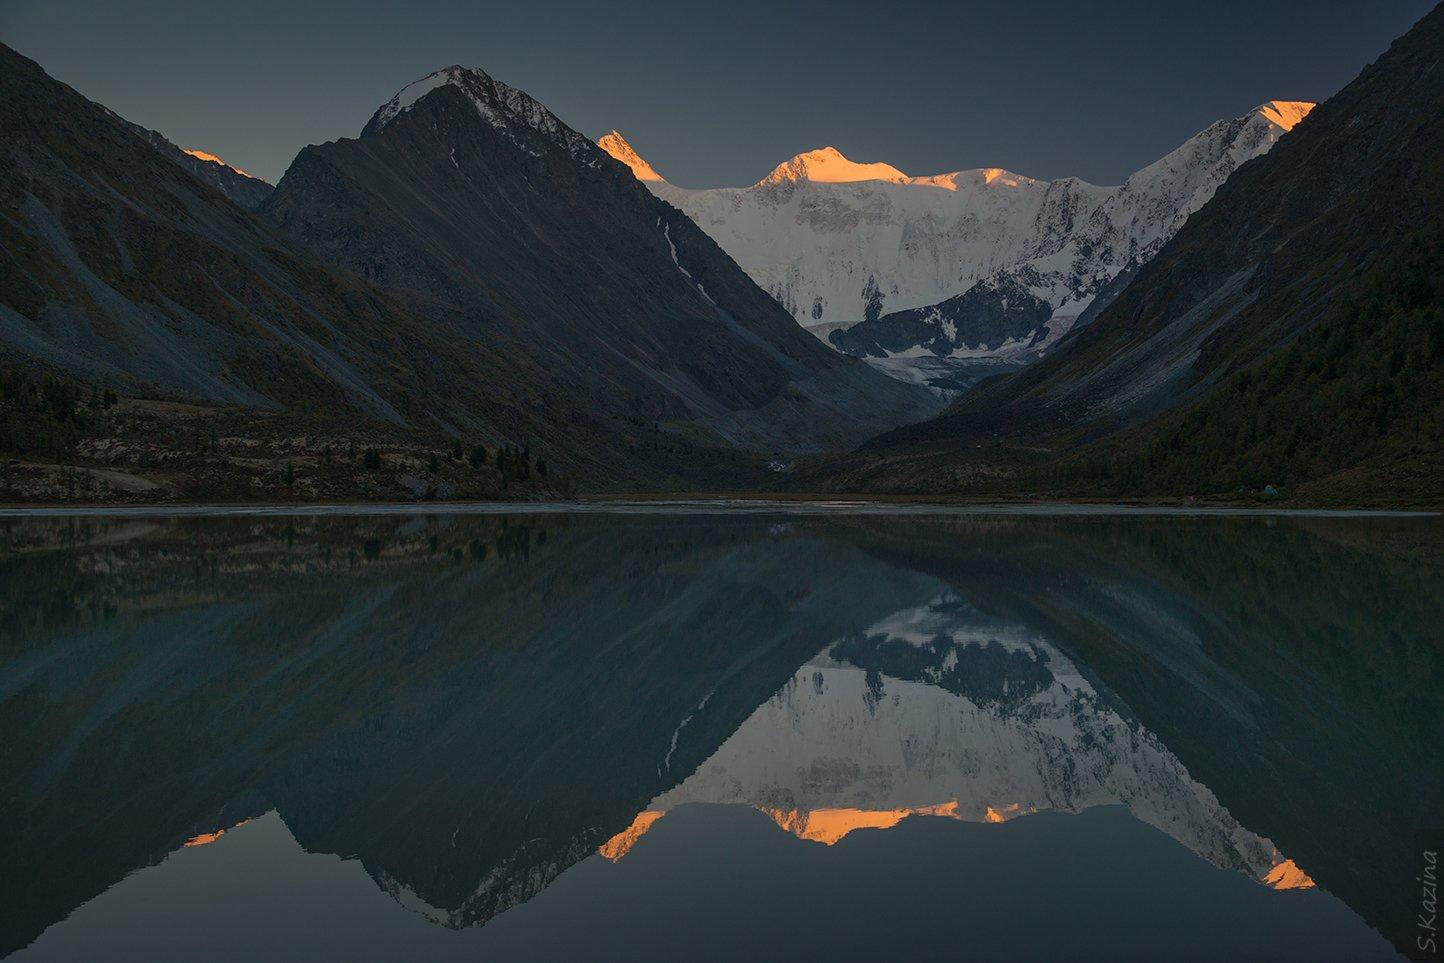 алтай, горный алтай, горы, озеро, белуха, ак-кем, аккем, пейзаж, зеркало, отражение, reflection, mountains, nature, siberia, Светлана Казина